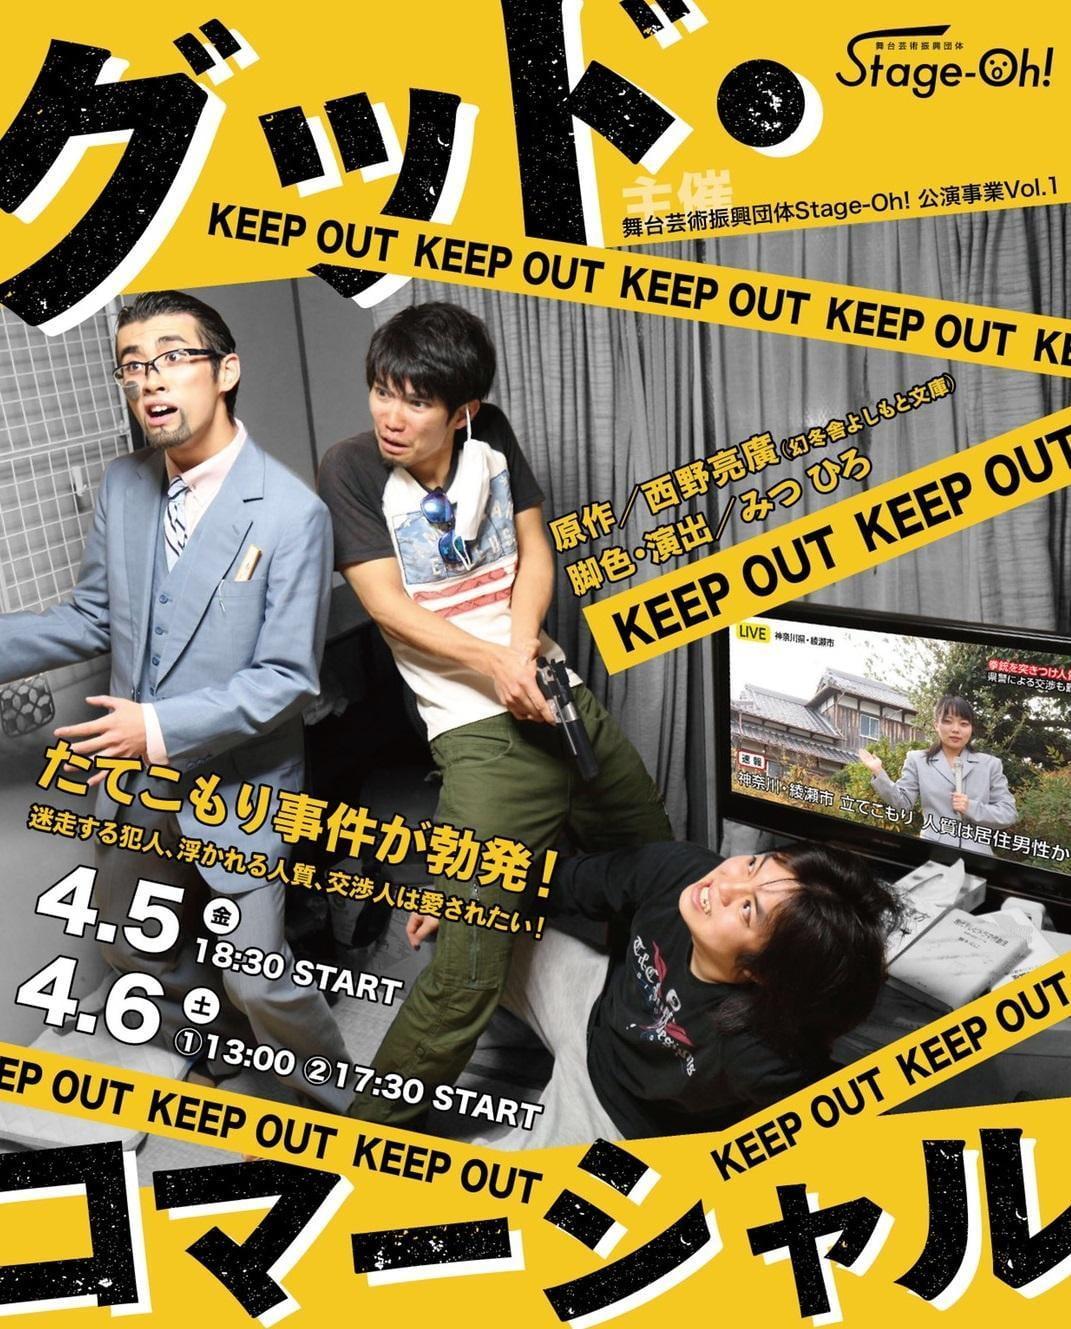 人気小説を完全舞台化!「グッド・コマーシャル」【2019年4月5日・6日】